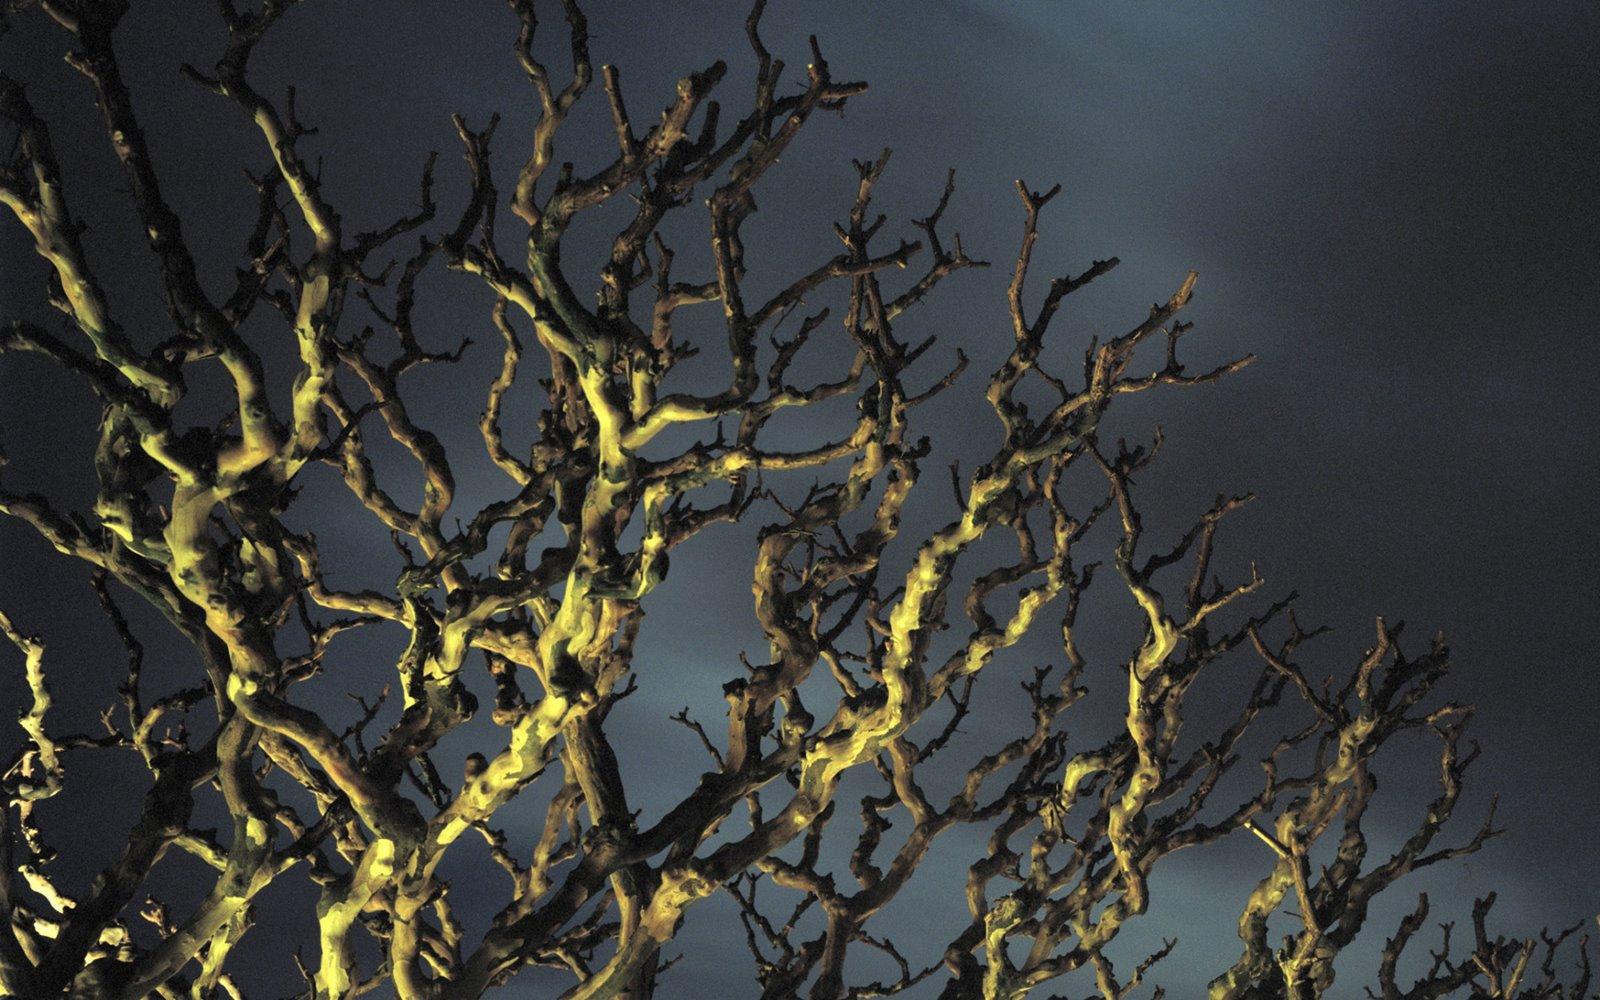 http://4.bp.blogspot.com/_W1ueYt1O3xs/TMv7hk7jBFI/AAAAAAAAXAE/BwczOR3NLis/d/Halloween+Wallpapers+1920x1200-7.jpg